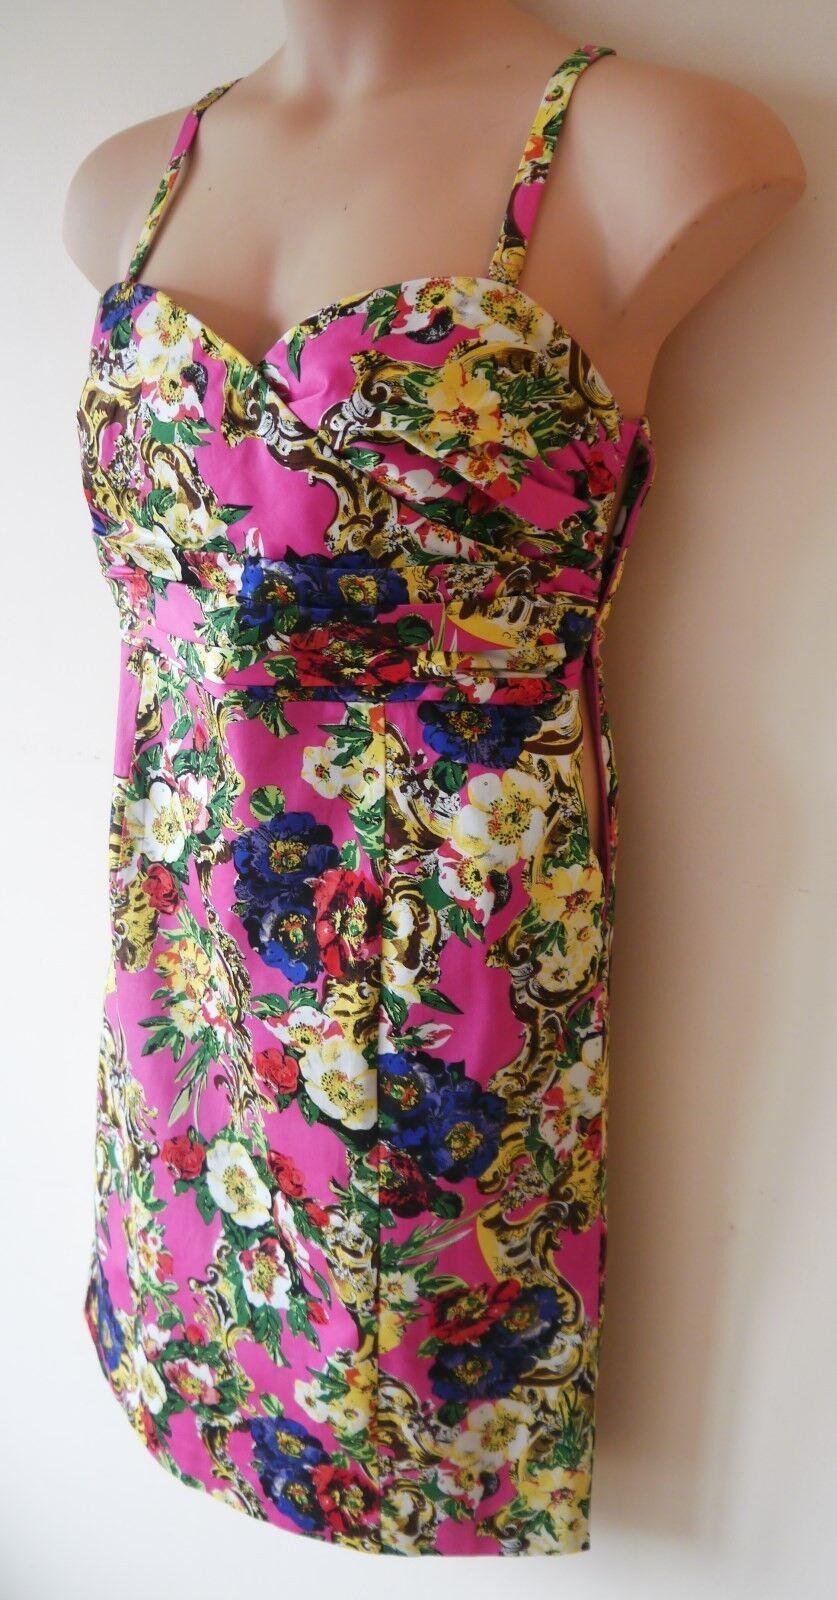 Femme Ajusté Robe Bustier Taille 16 16 Taille FeMmE Rose Multi Imprimé Floral Coton MX 2nd 5a6acd